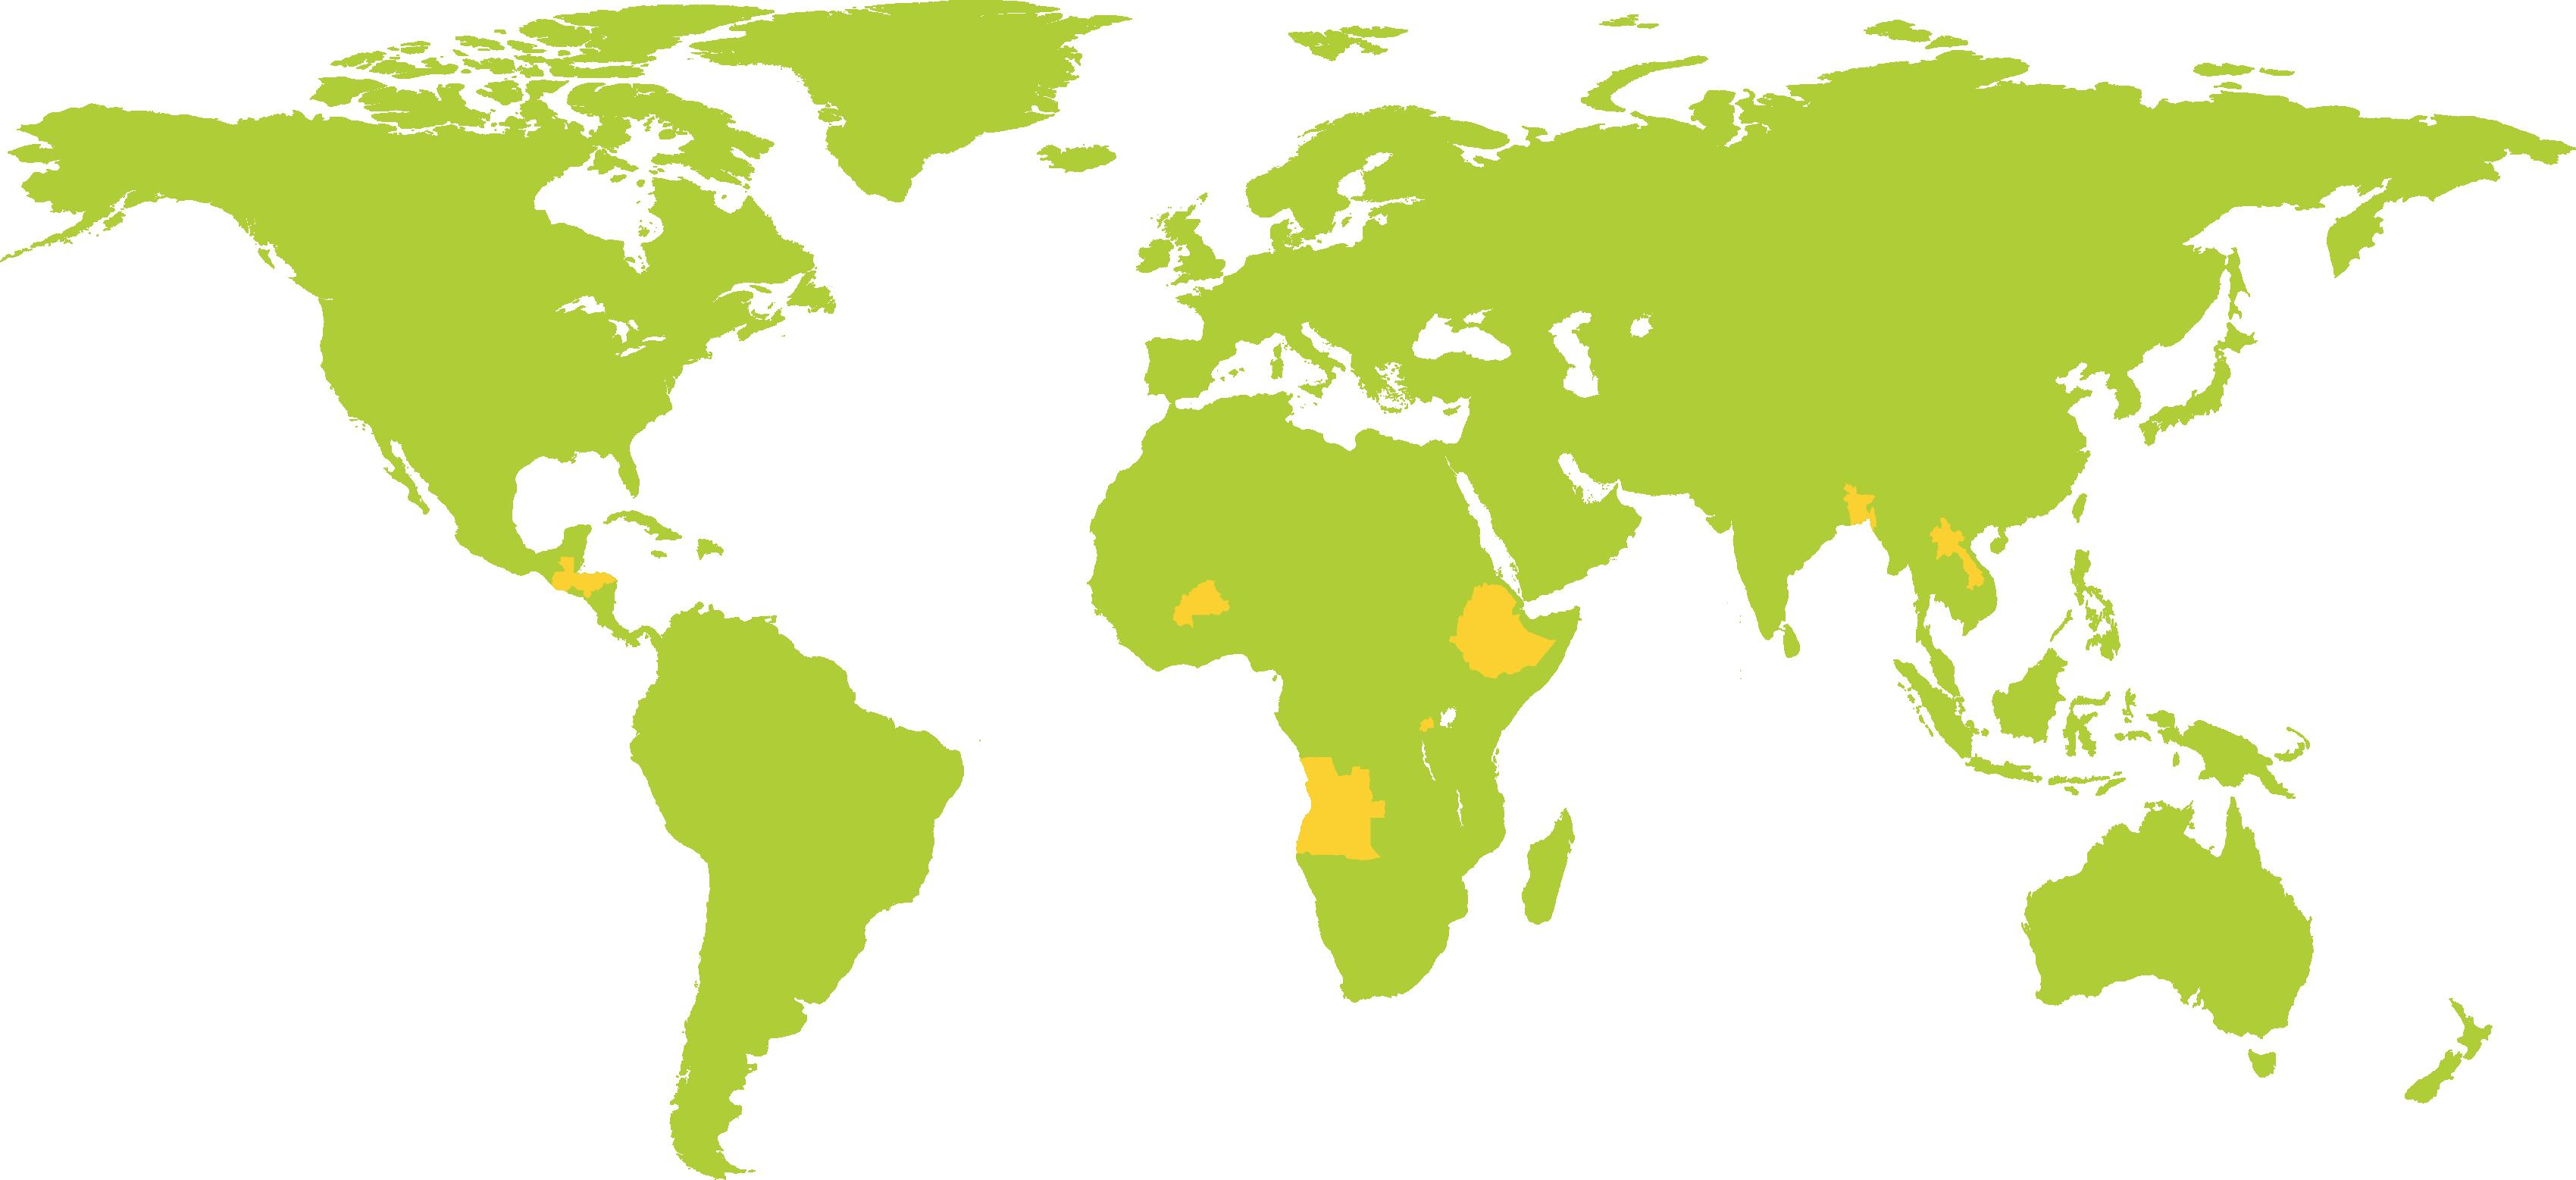 Pases piloto cdais capacity development for agricultural cdais opera en ocho pases piloto en frica angola burkina faso etiopa ruanda en asia bangladesh laos y en amrica latina guatemala y honduras gumiabroncs Image collections